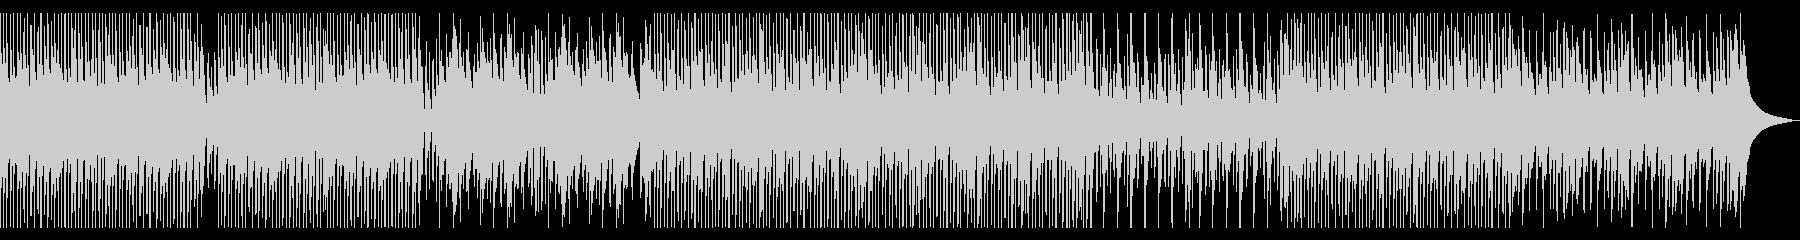 明るく軽快で柔らかいウクレレ中心の曲の未再生の波形